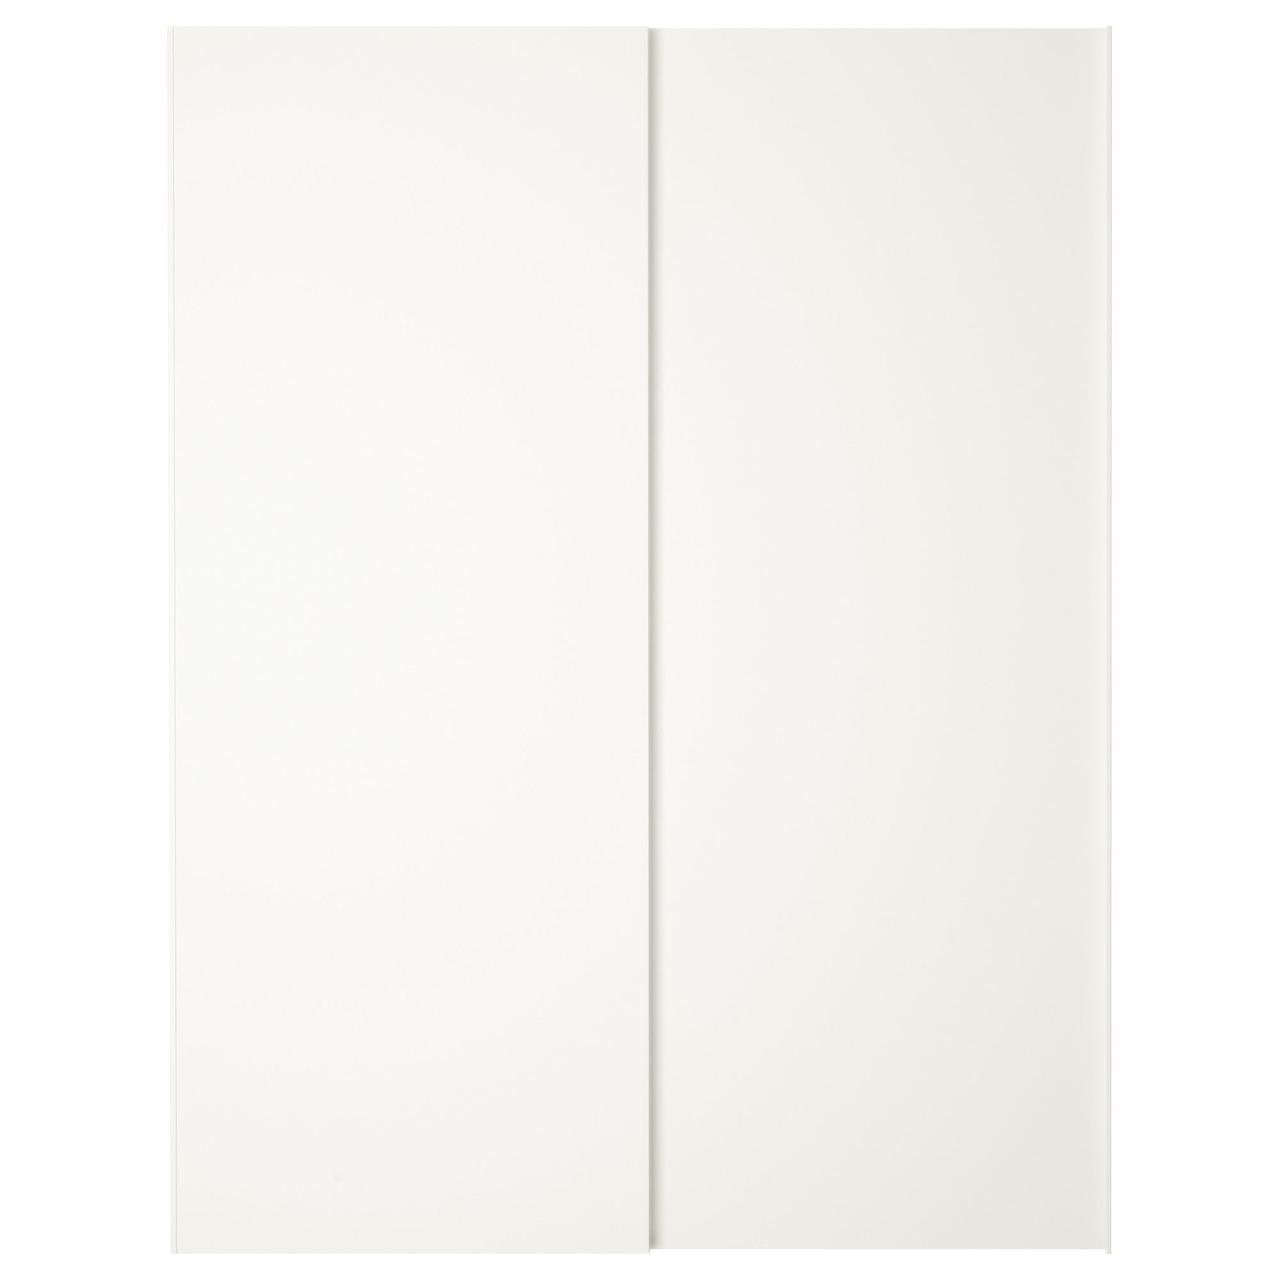 Пара раздвижных дверей IKEA HASVIK белый 150x201 см 803.911.32